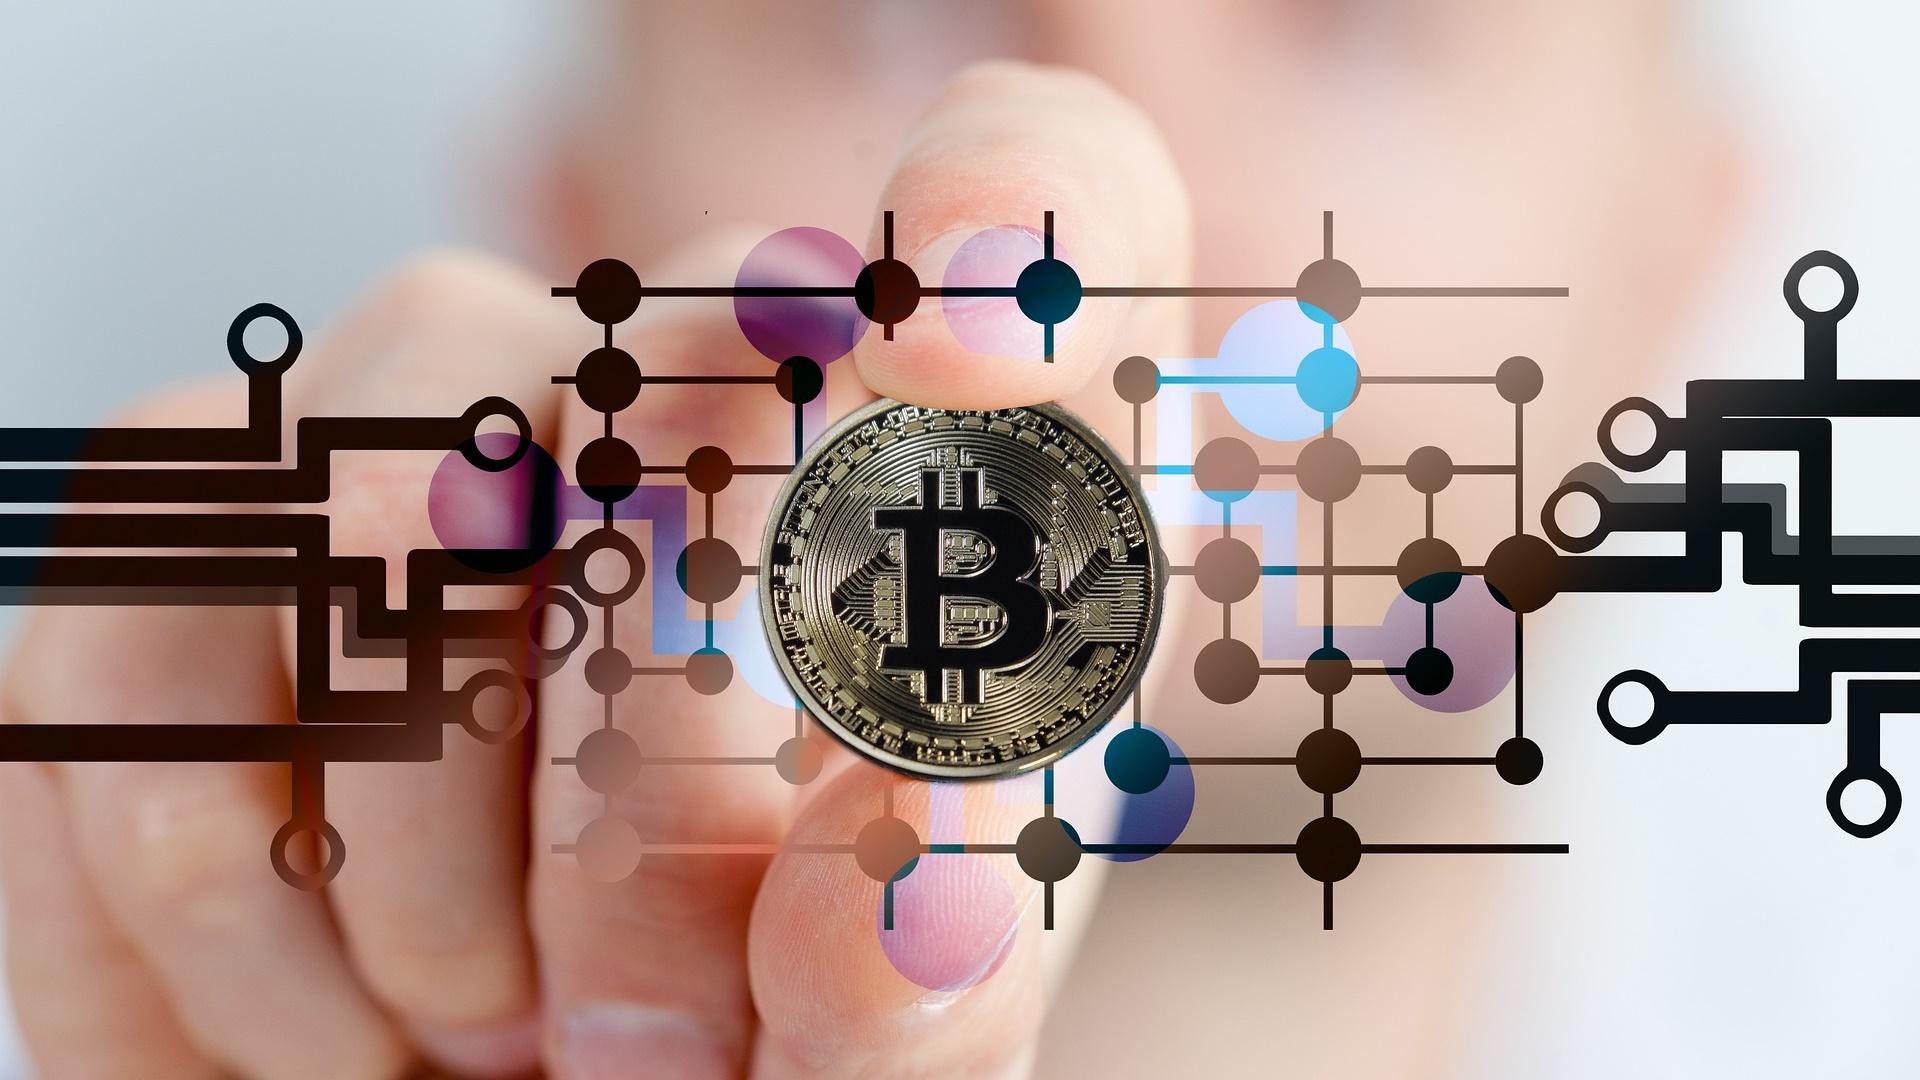 仮想通貨(ビットコイン)はオワコンなのか?今から参入しても意味ない?